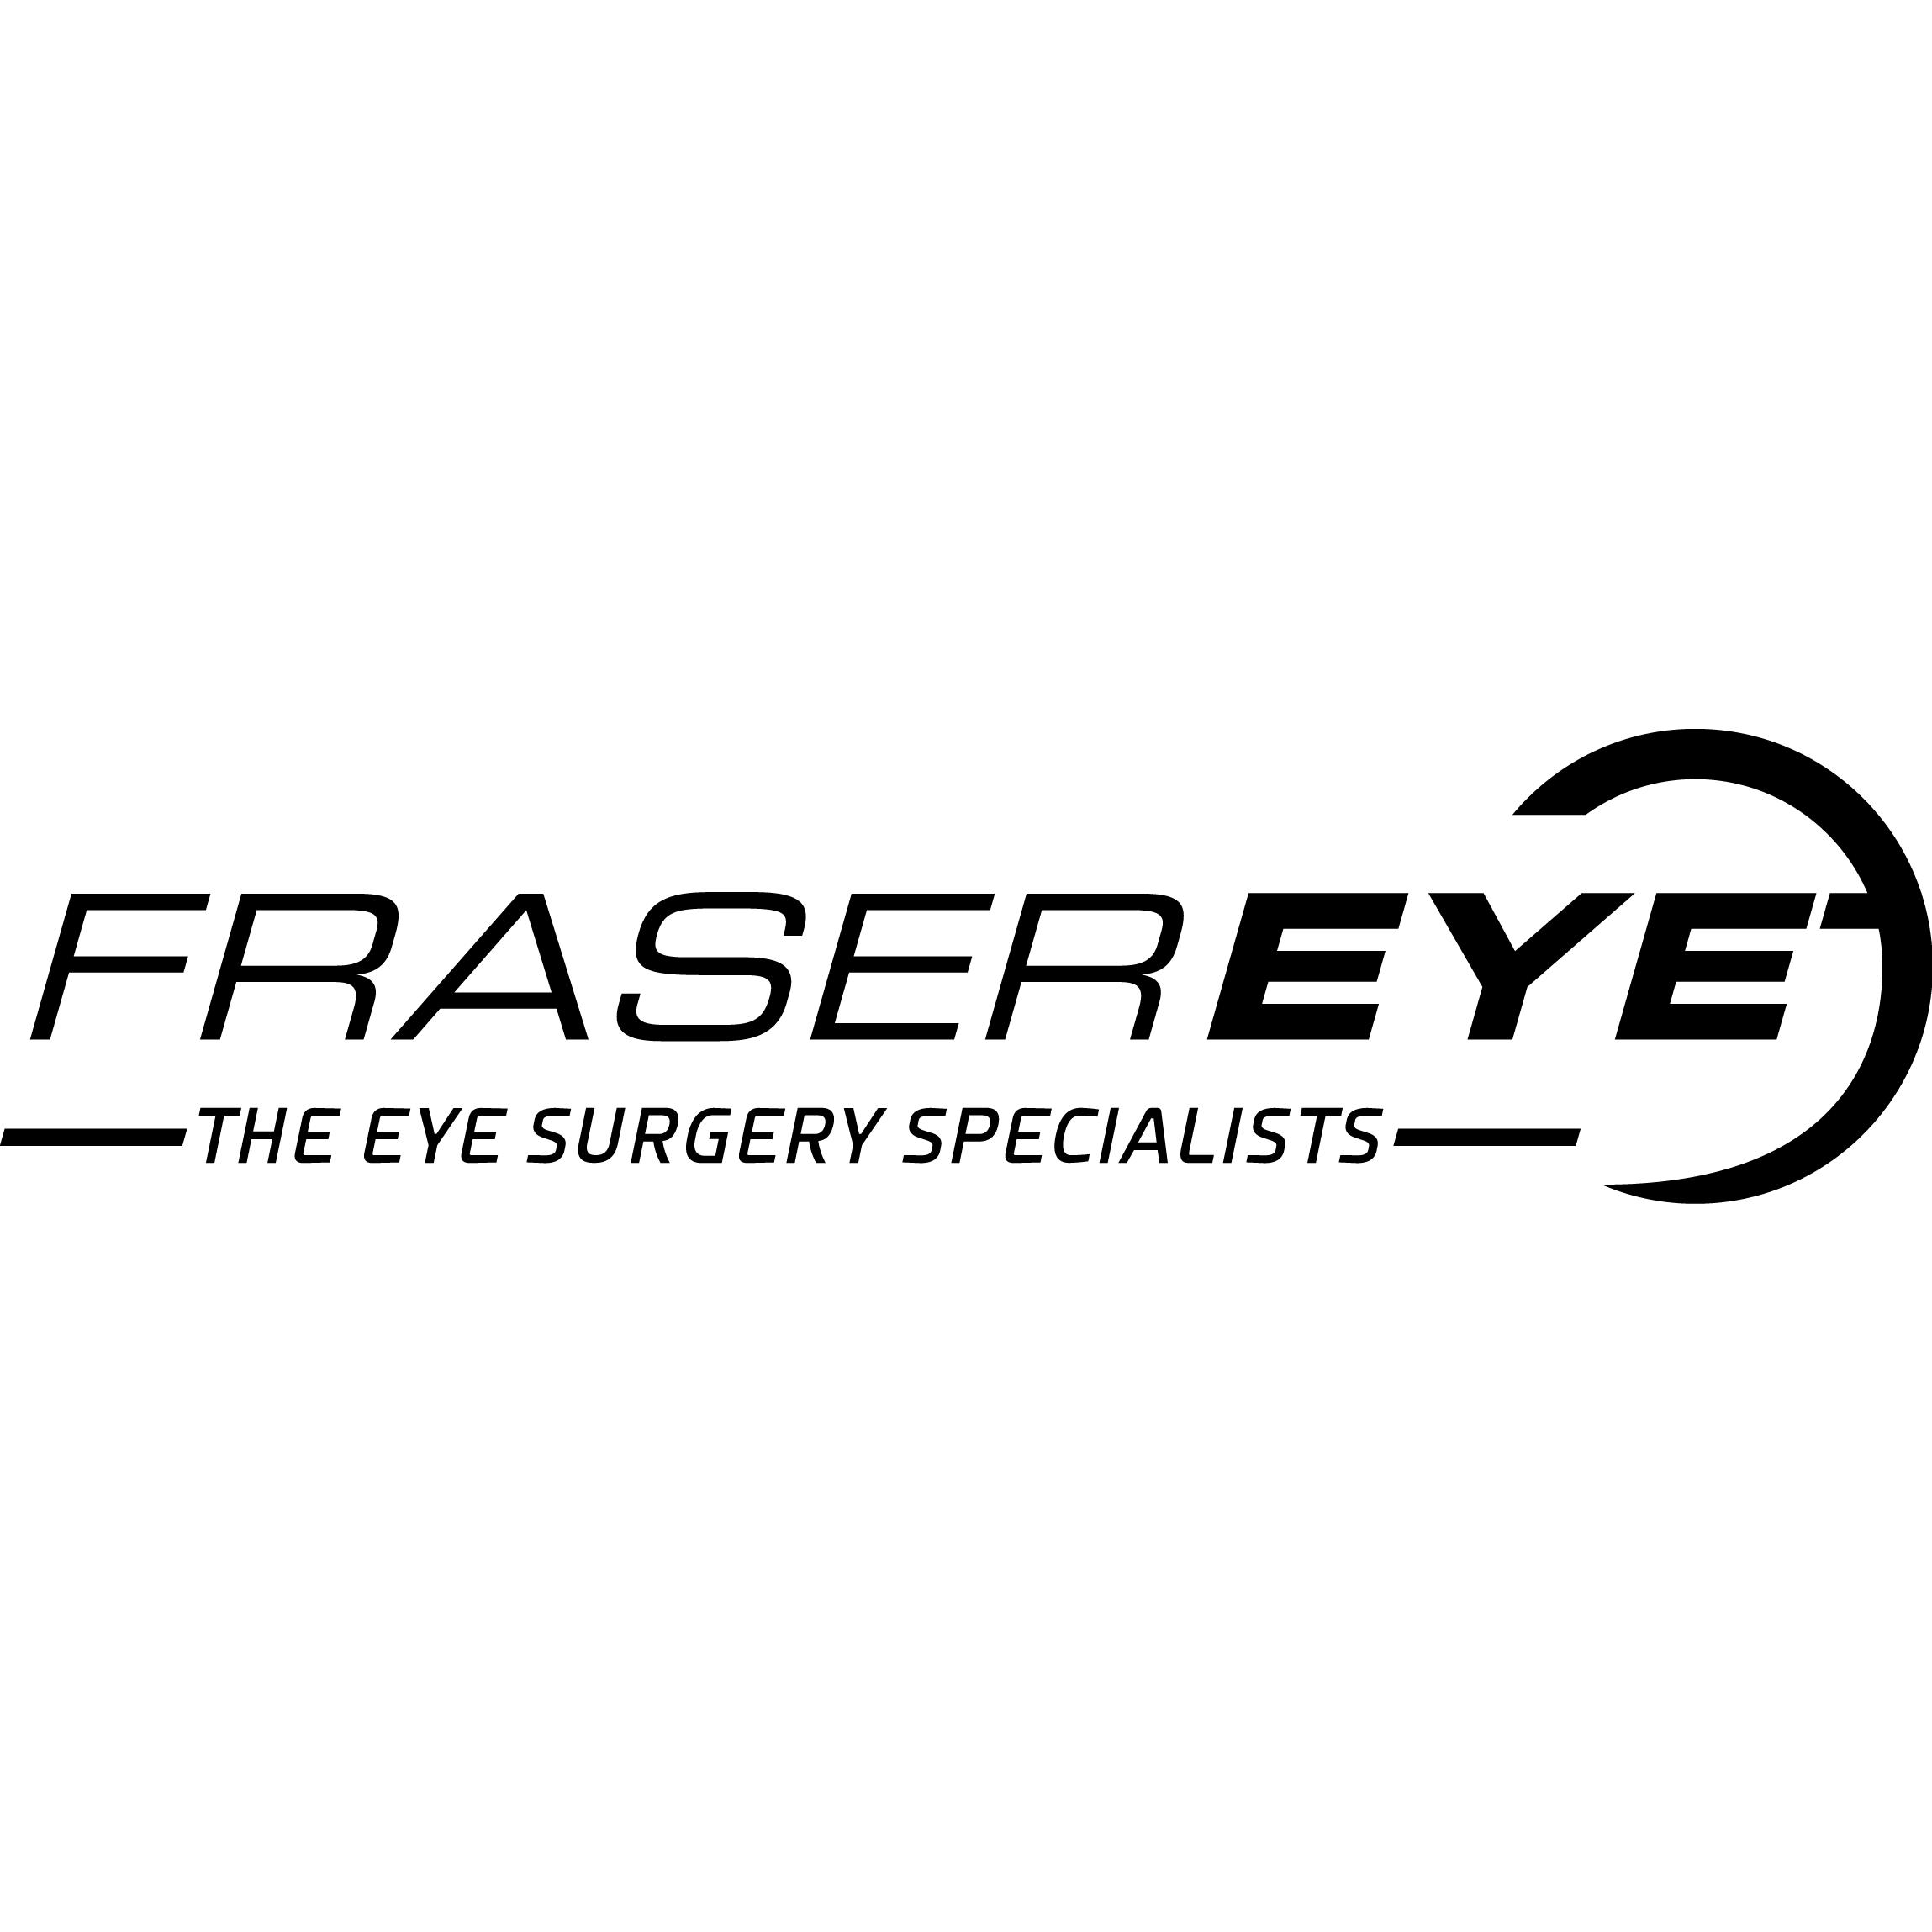 Fraser Eye Care Center